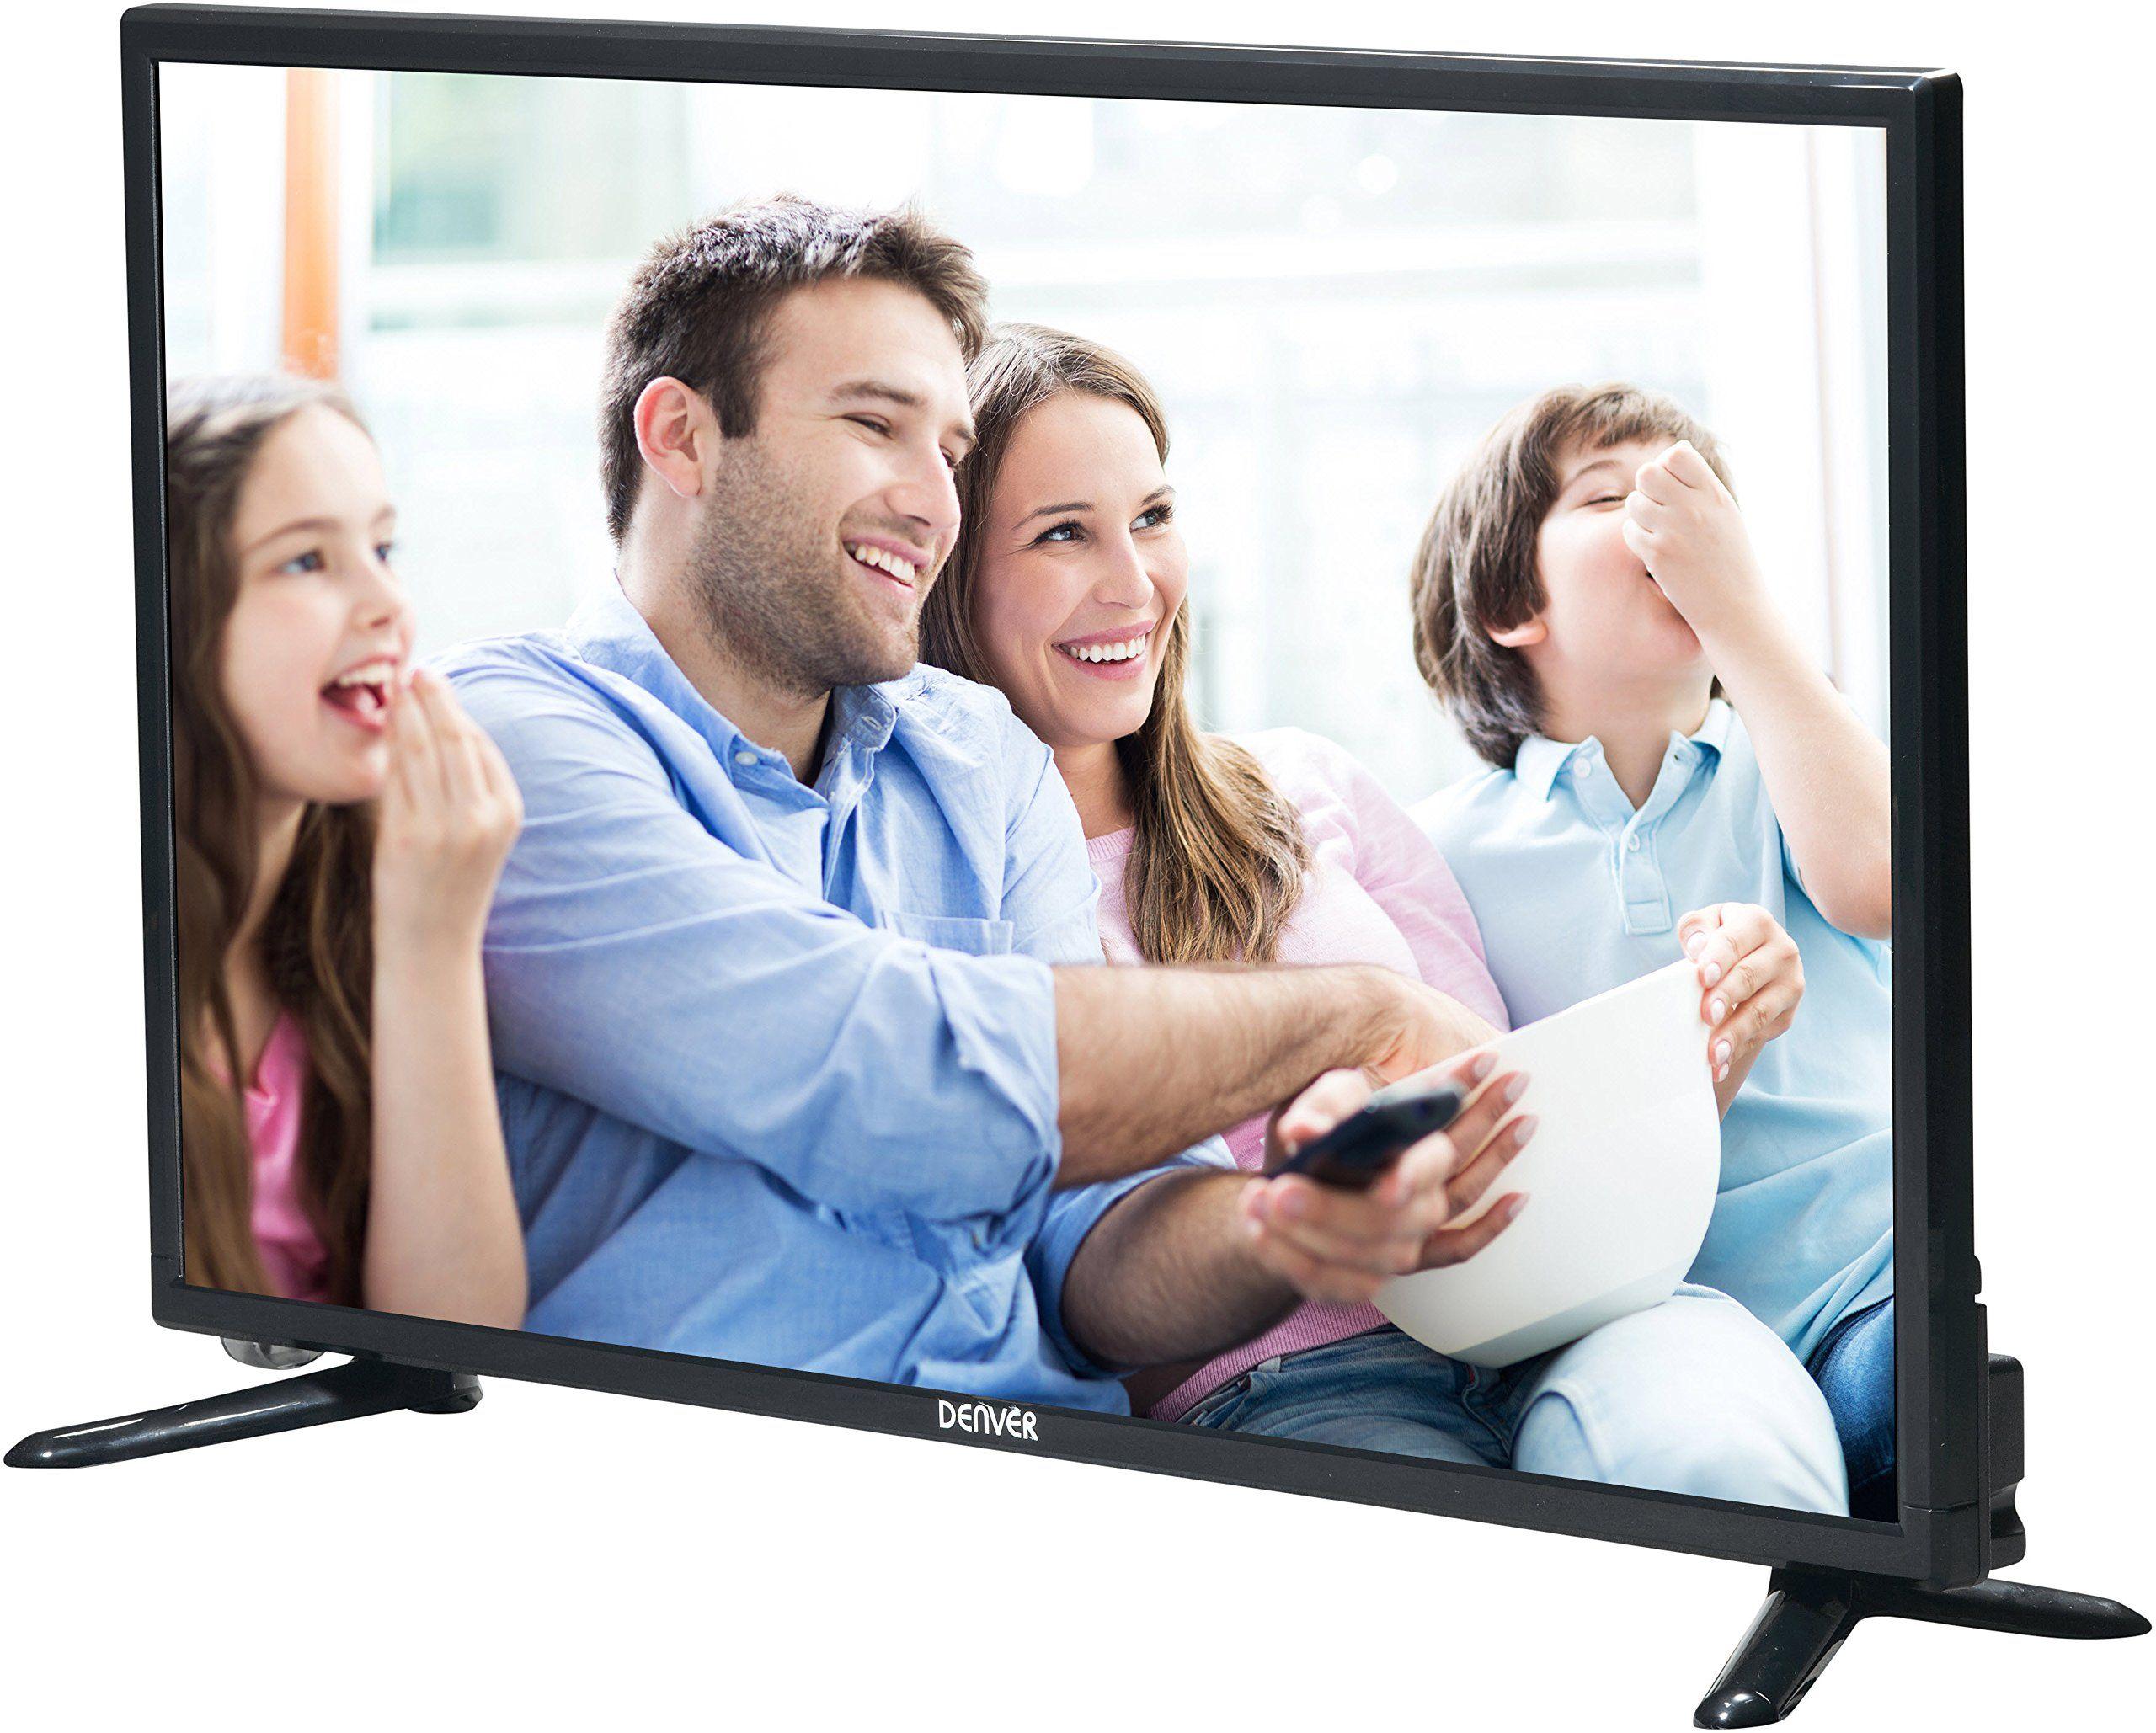 Denver 59 95 Cm 23 6 Zoll Full Hd Led Fernseher In 2020 Led Fernseher Fernseher Tv Fernseher